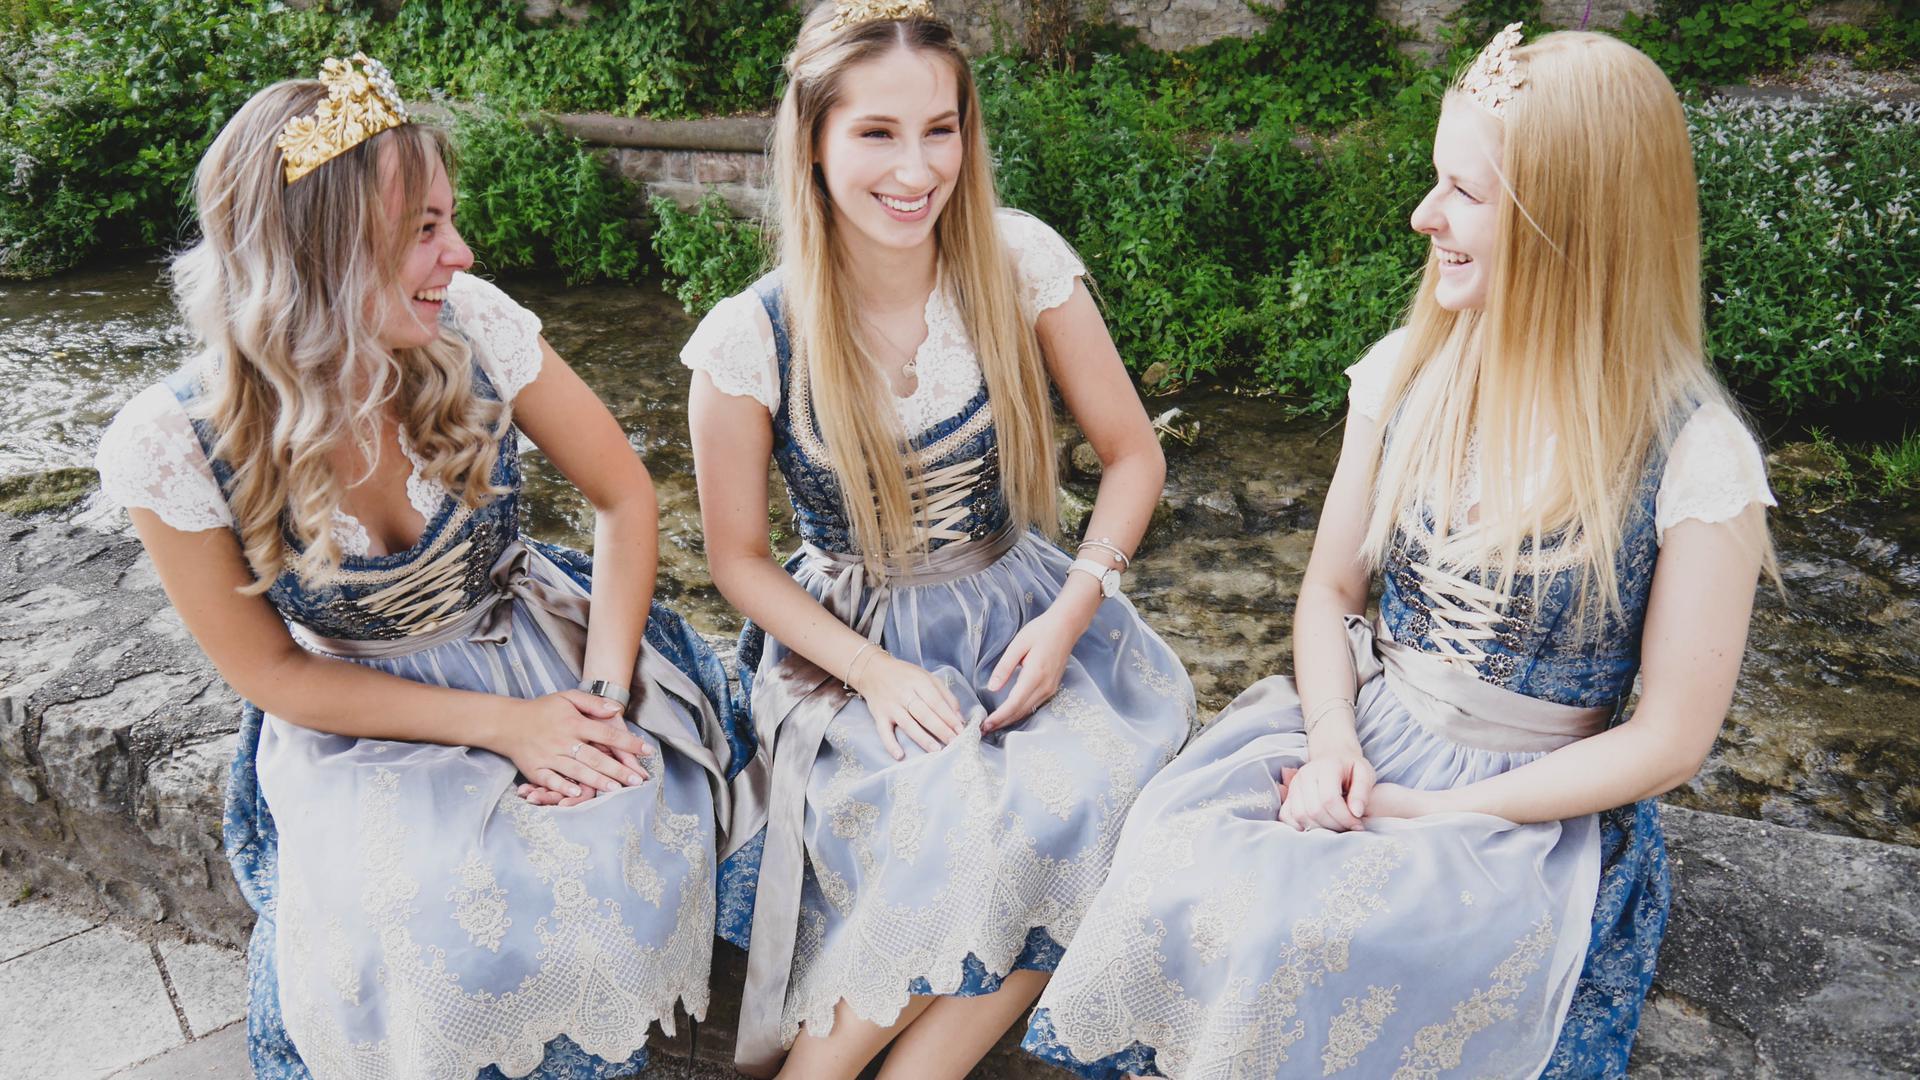 Drei junge Frauen auf der Bachbühne am Walzbach in Weingarten (von links Lea, Cristina, Charlotte).